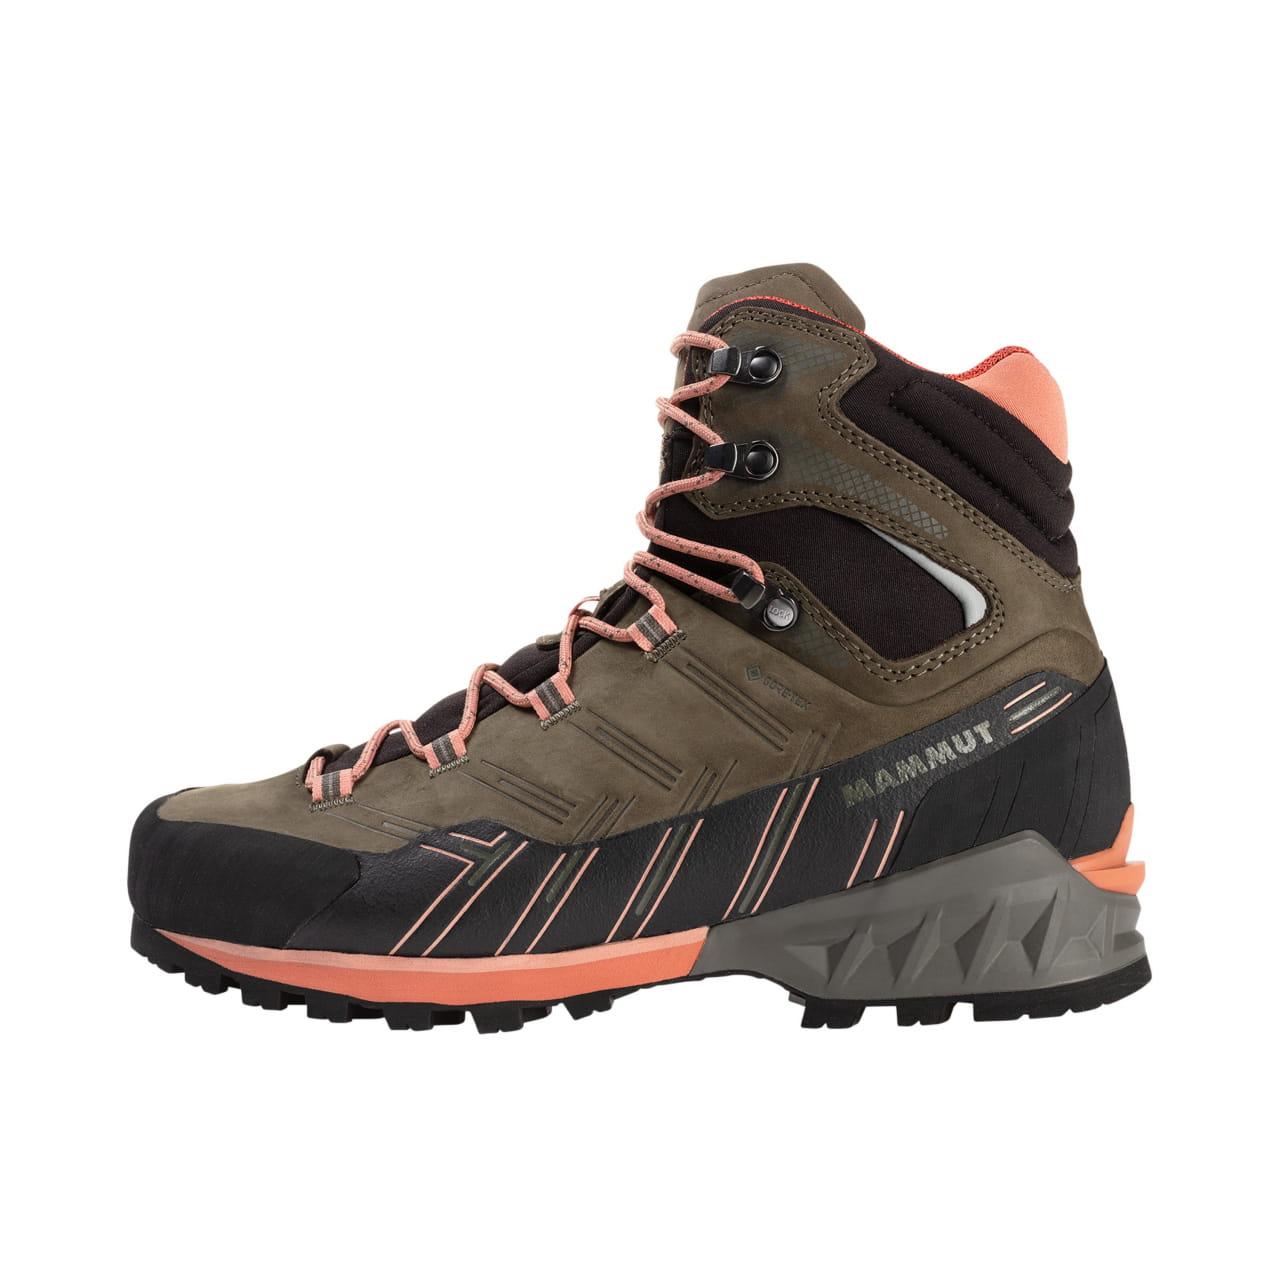 Moderní horolezecká bota Nubuck Mammut Kento Guide High GTX Women